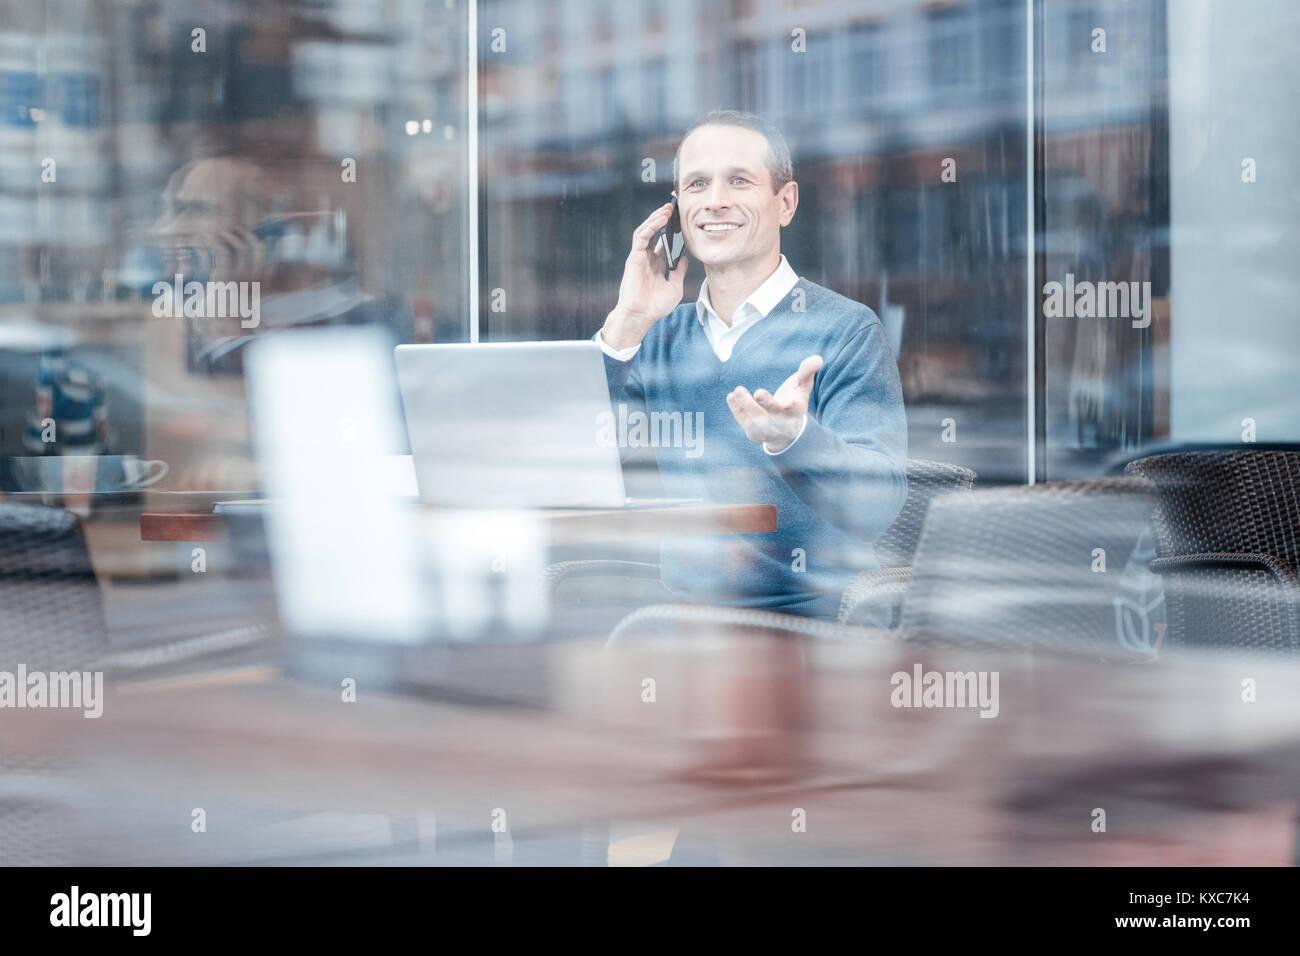 Encantado positivo empresario tener teléfono hablar Imagen De Stock